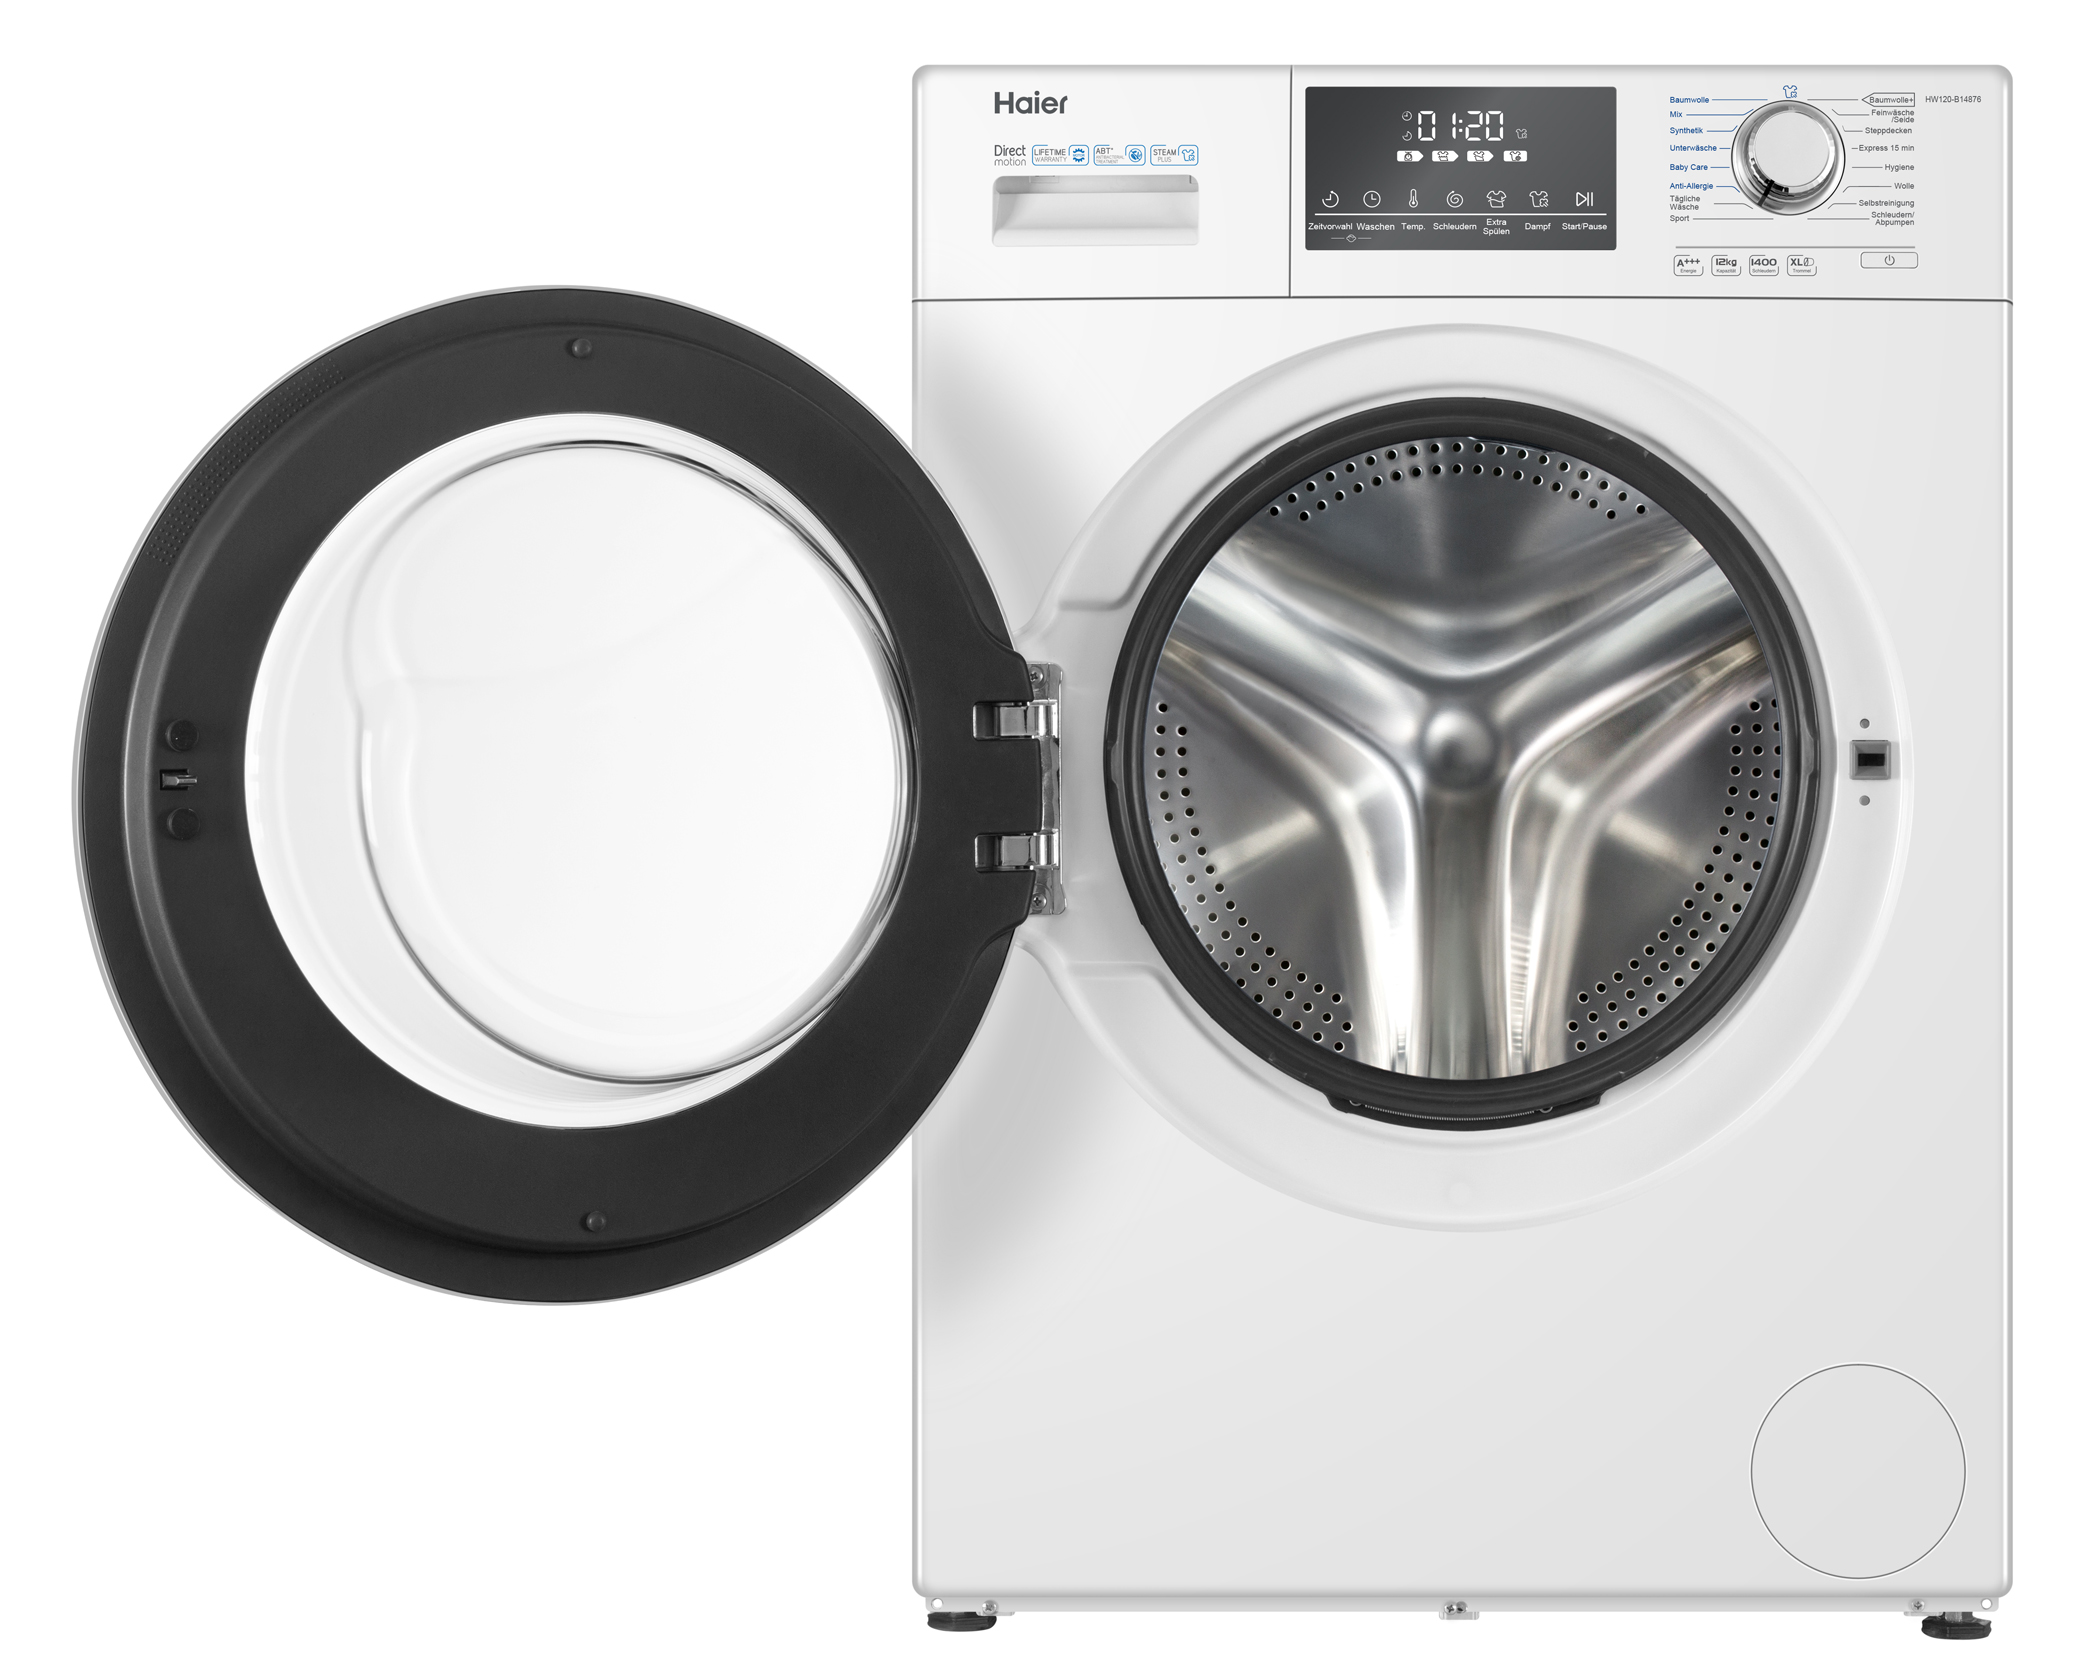 <h1>Haier Waschmaschine HW120-B14876</h1><h3 style='font-size: 20px; margin: 0px 0px 15px 0px;'> -Frontlader, 12 kg Fassungsvermögen, i-Time</h3>